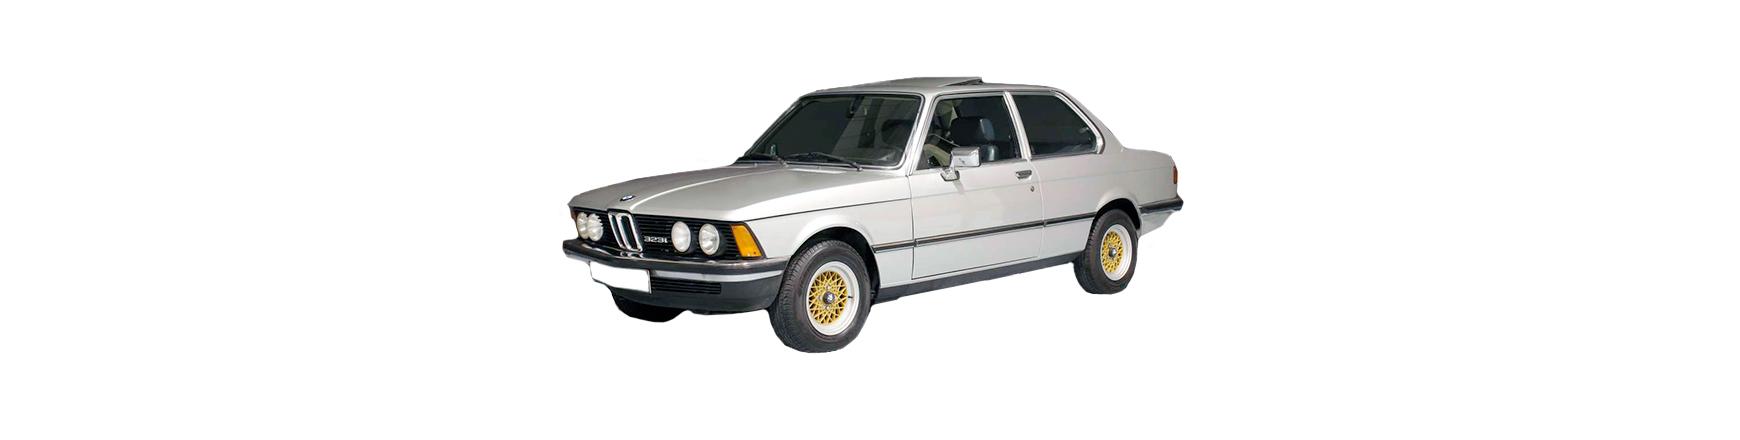 bmw serie 3 e 21 1975 1976 1977 1978 1979 1980 1981 1982  carroceria